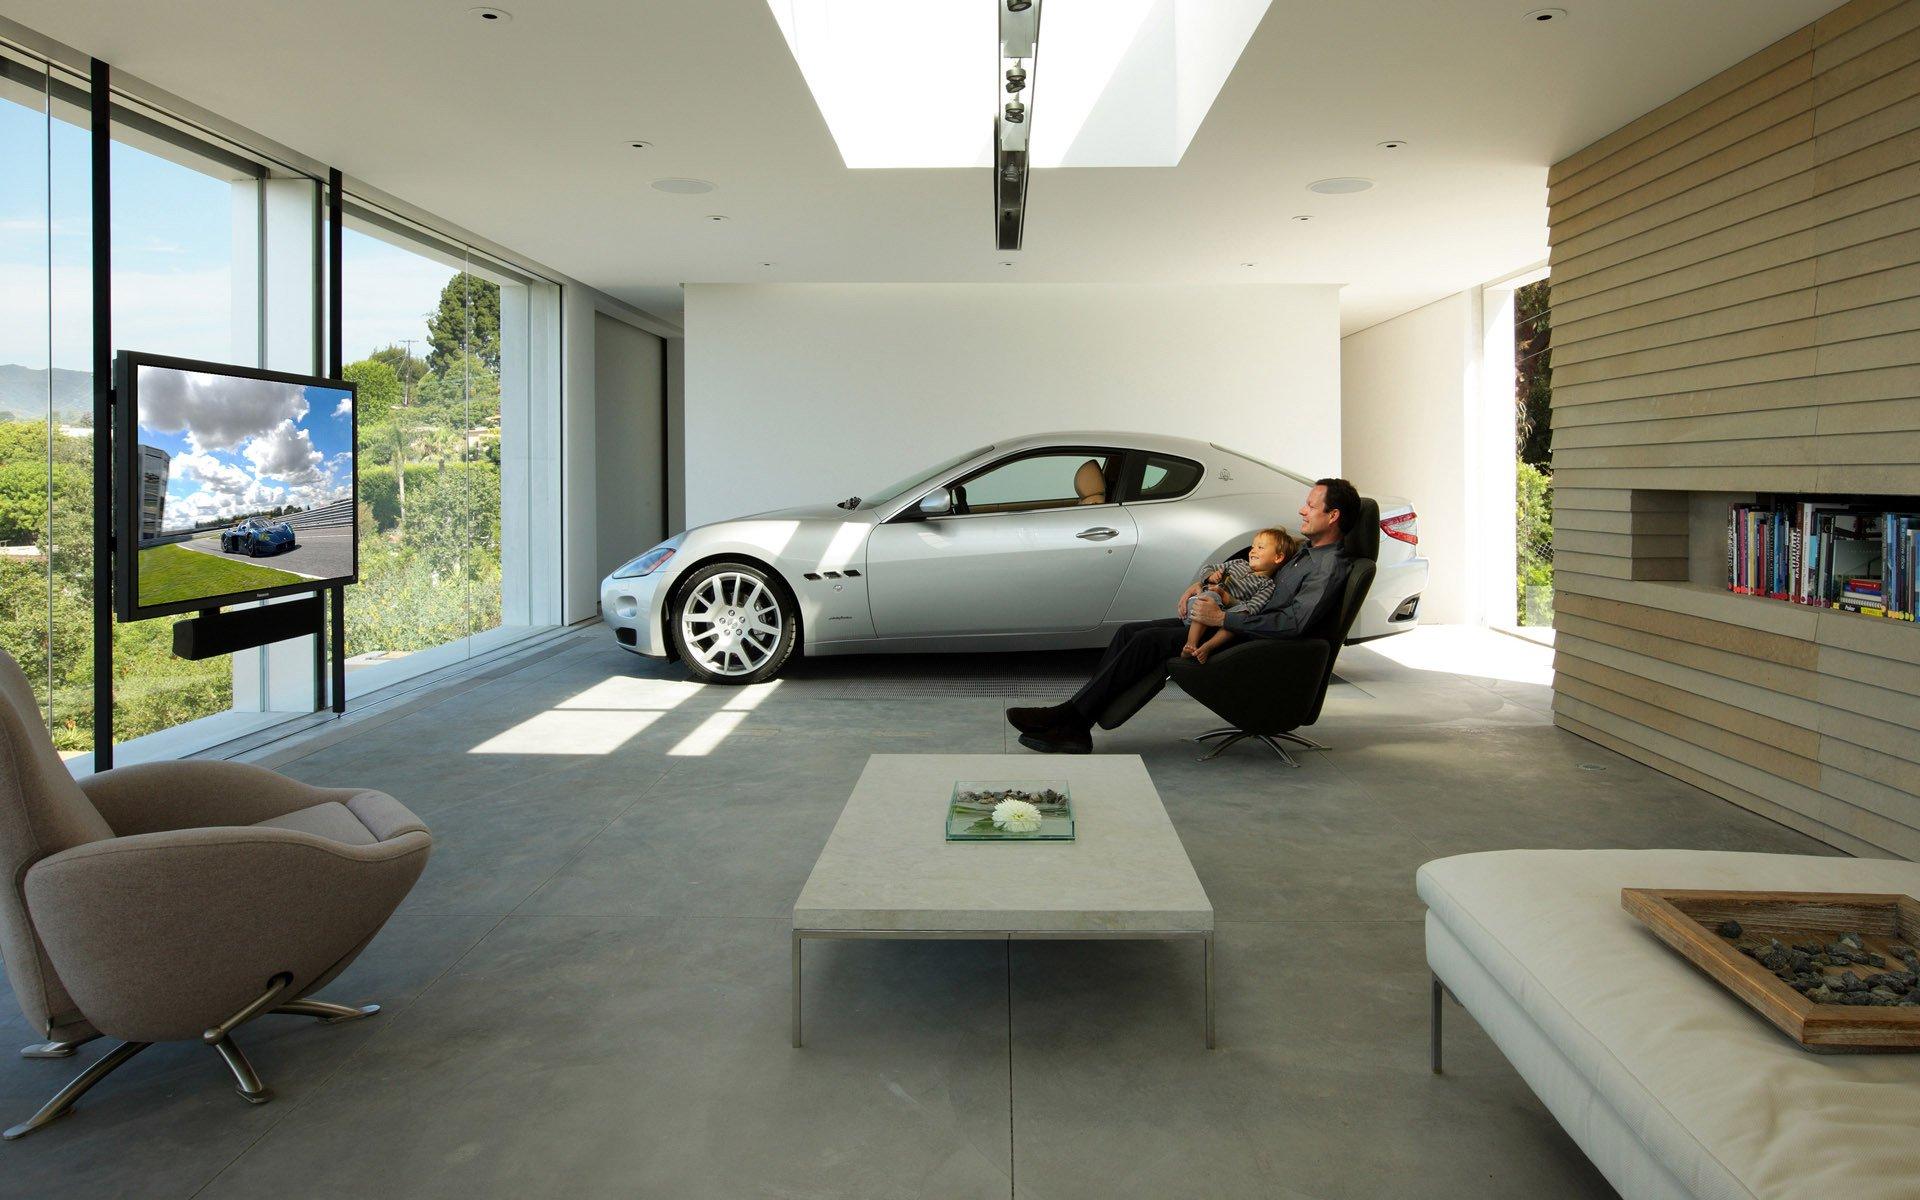 серый автомобиль парковка архитектура бесплатно